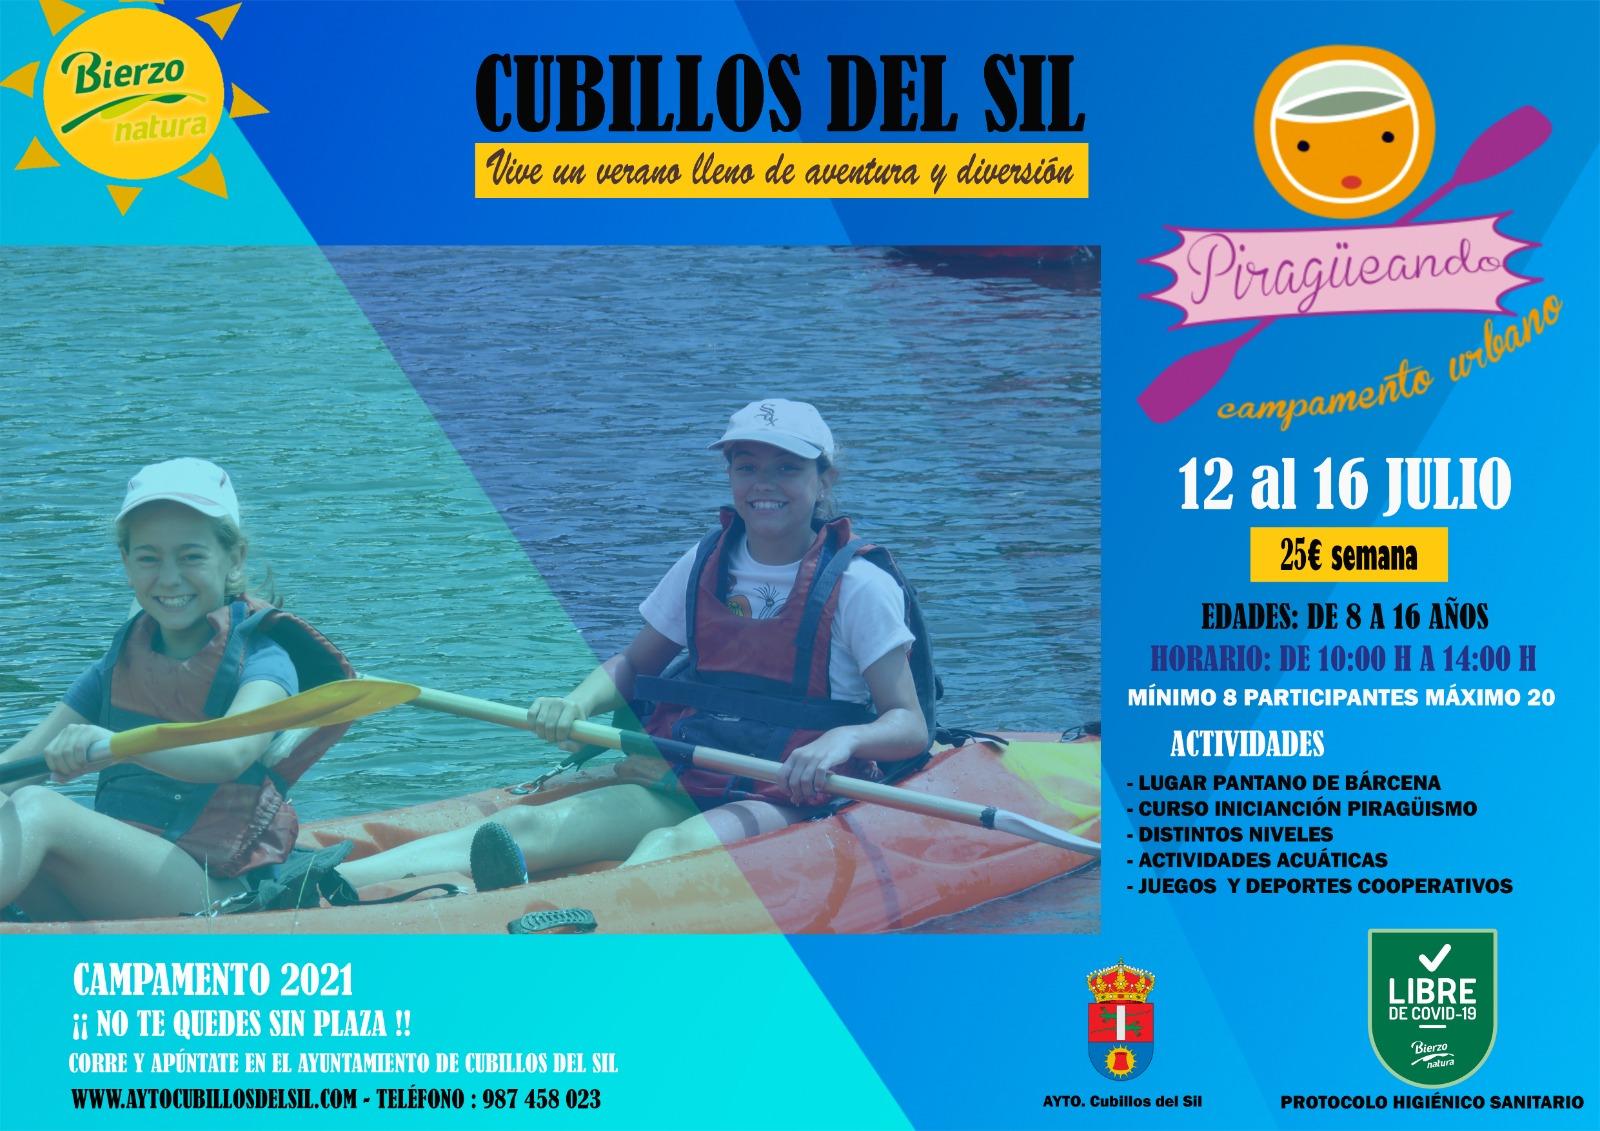 Cubillos del Sil celebra San Cristobal 2021 con actividades para todos del 9 al 12 de julio 2